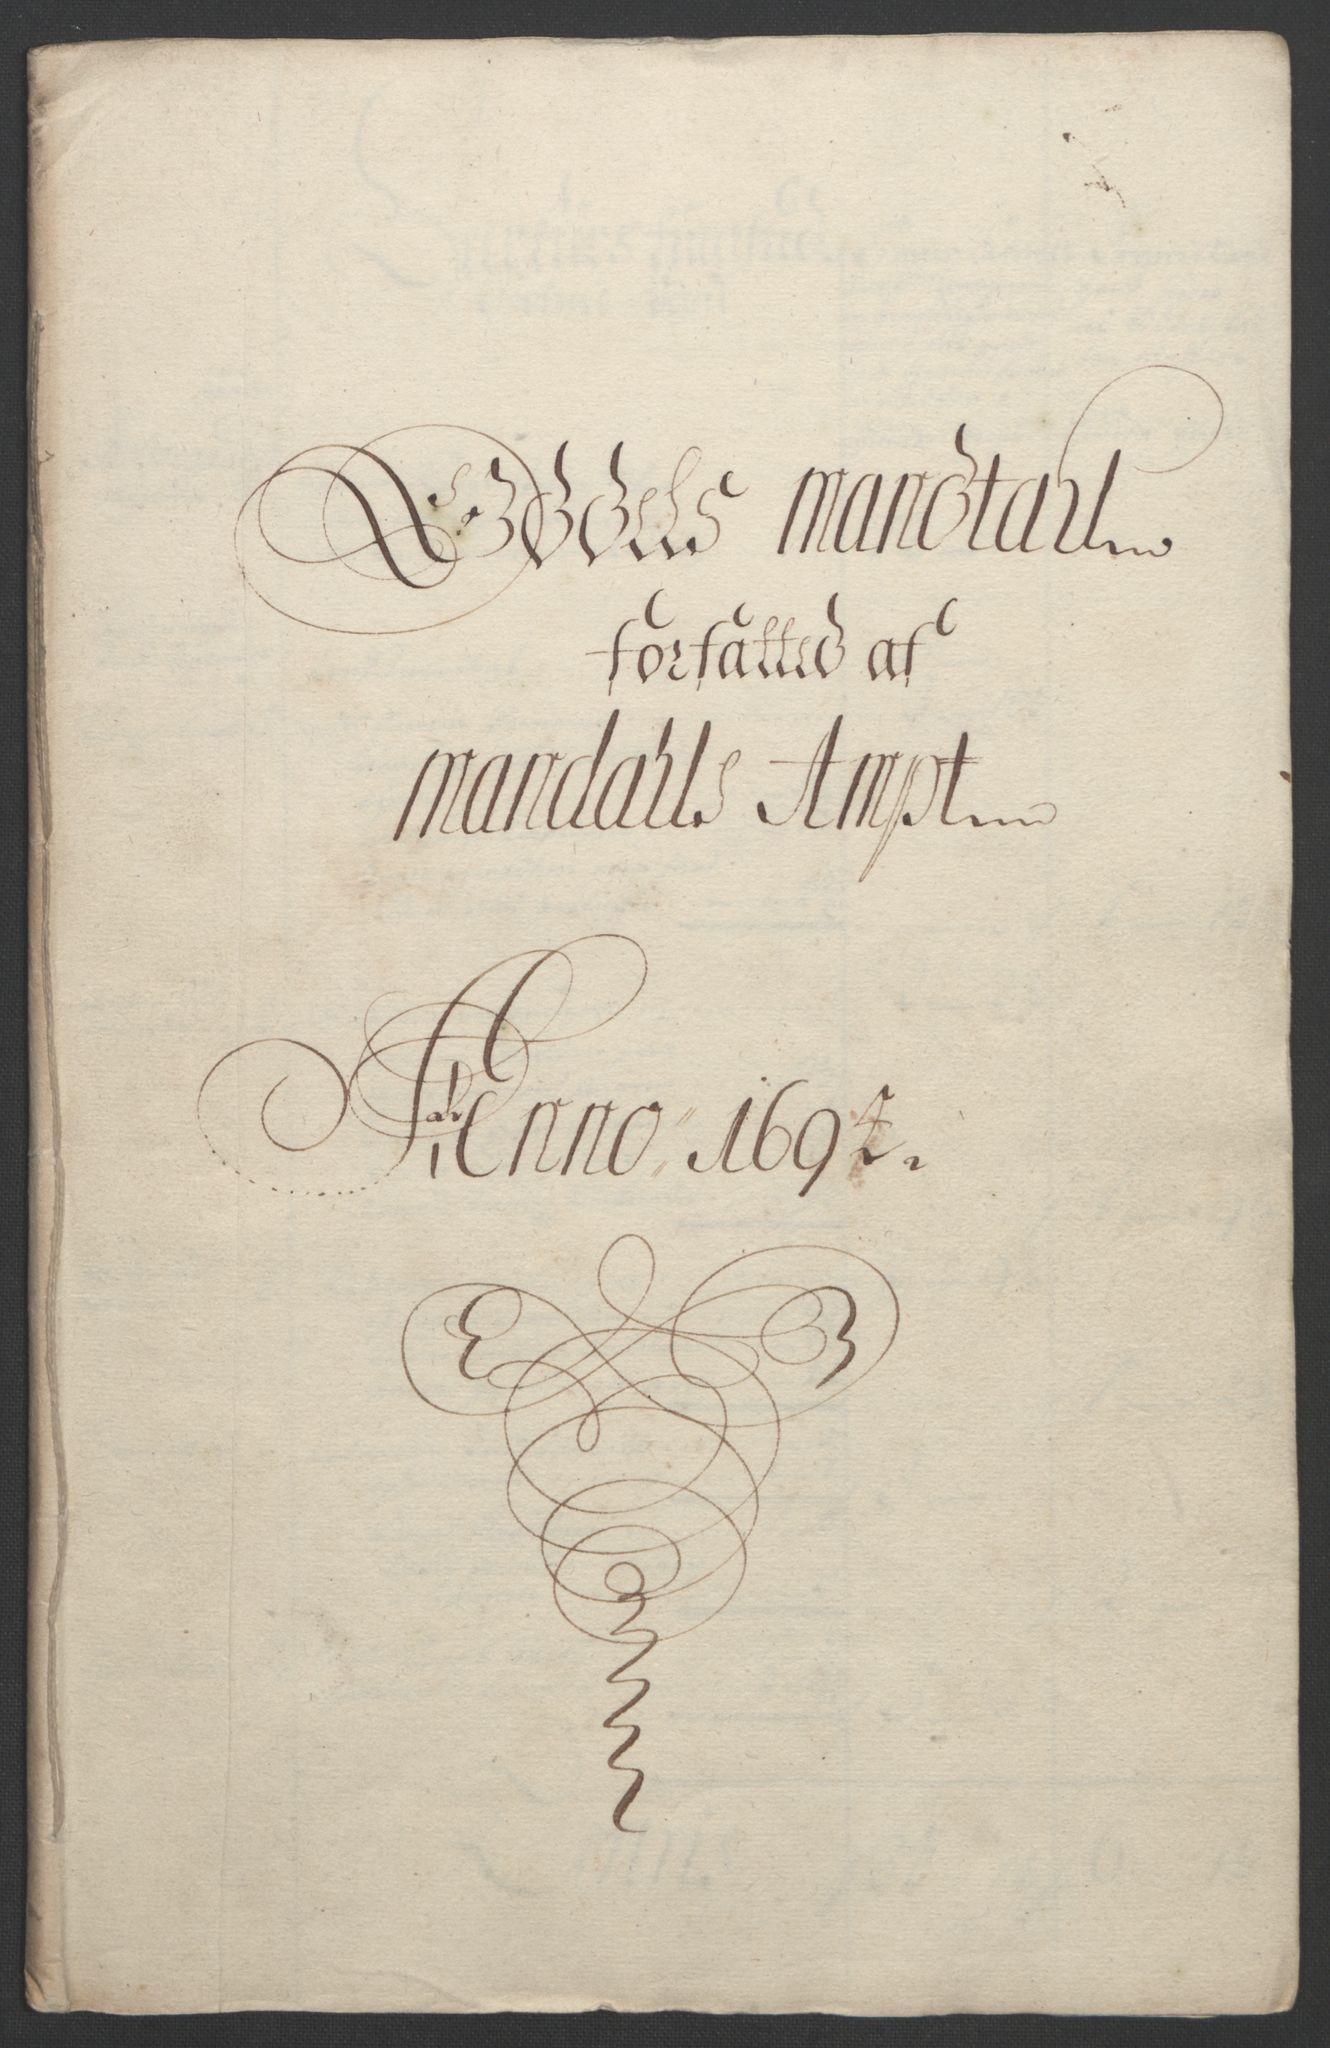 RA, Rentekammeret inntil 1814, Reviderte regnskaper, Fogderegnskap, R43/L2545: Fogderegnskap Lista og Mandal, 1694-1695, s. 152